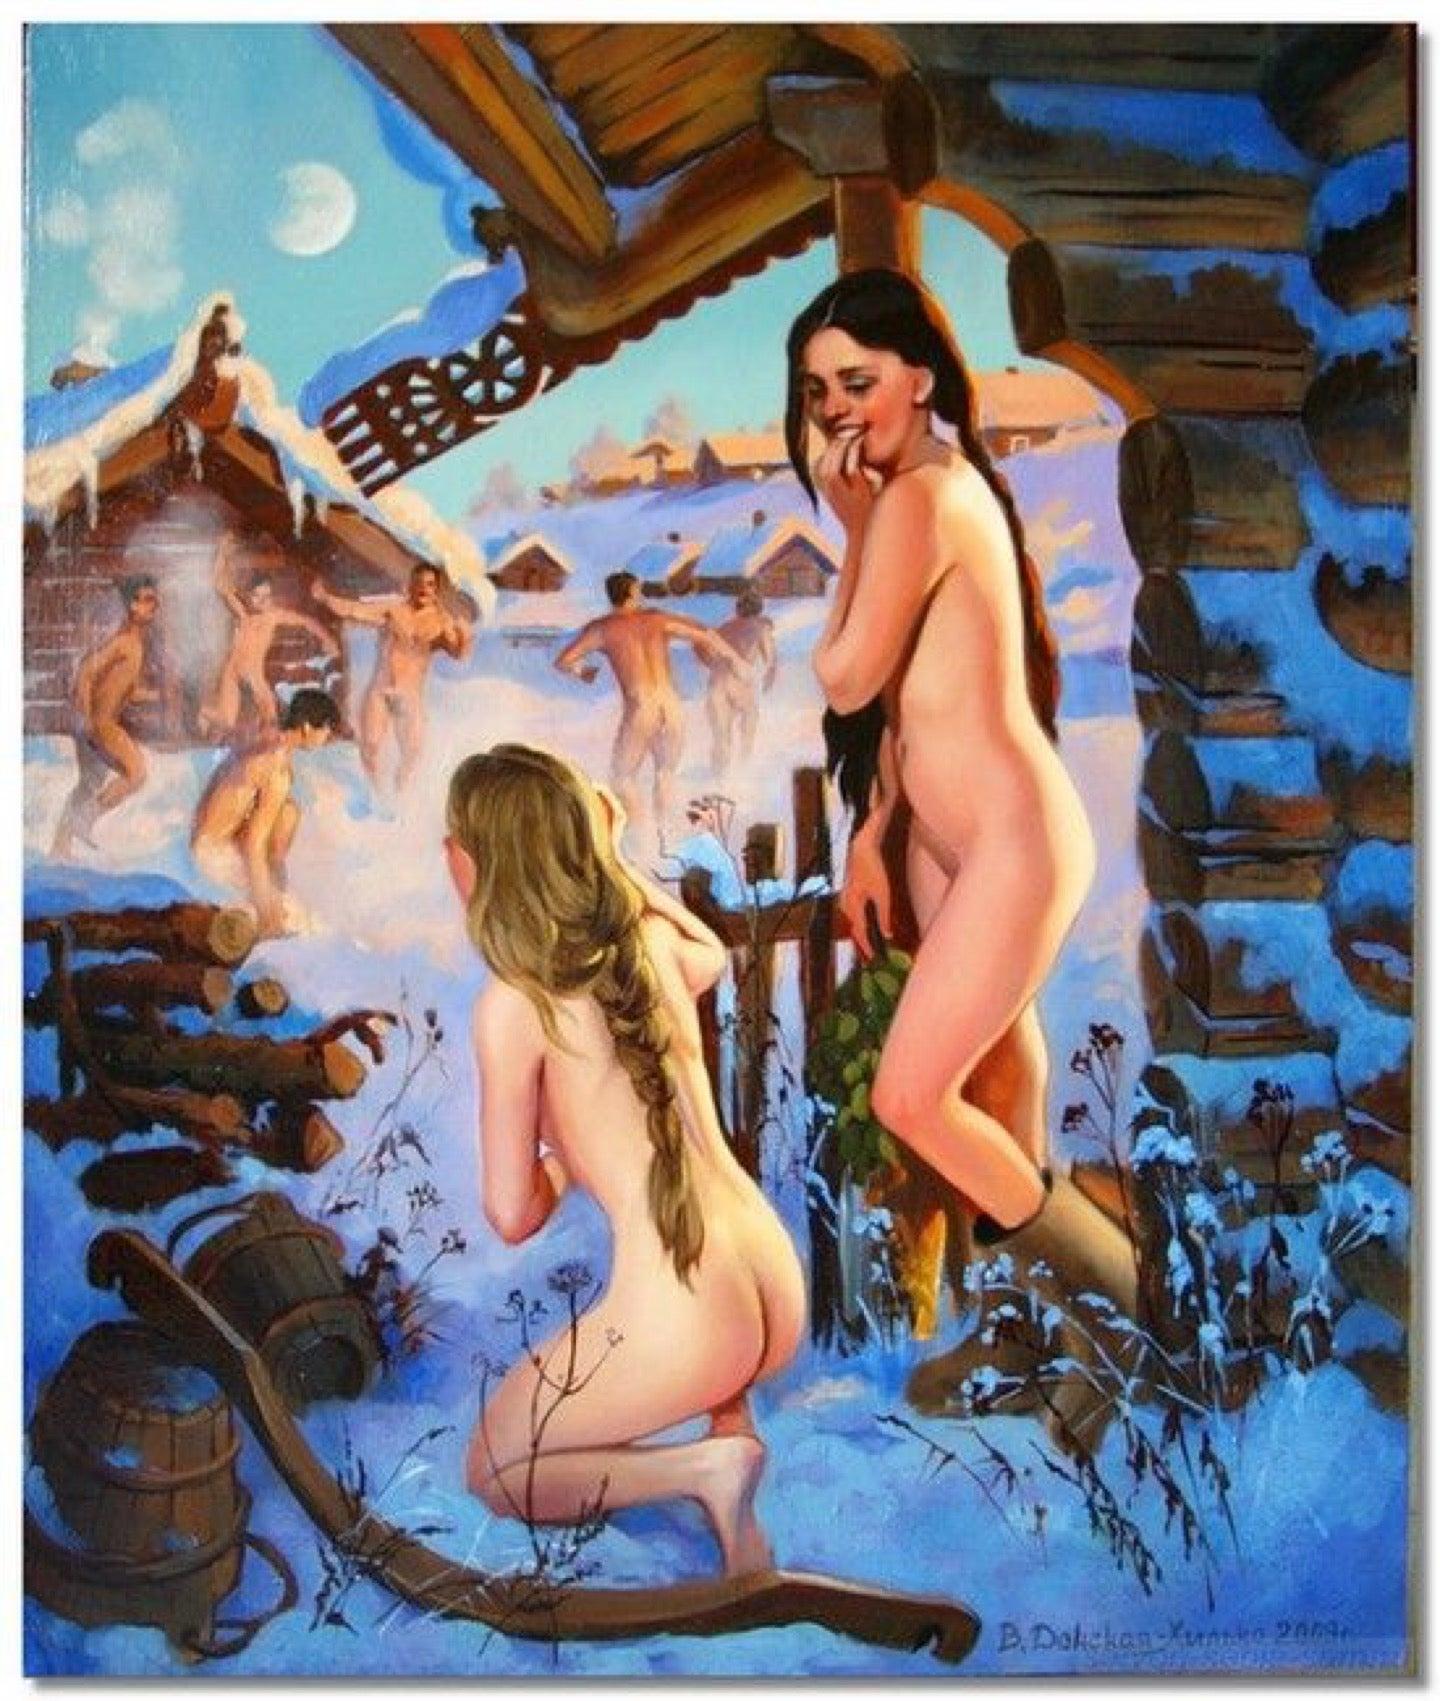 Výsledok vyhľadávania obrázkov pre dopyt после бани в снег